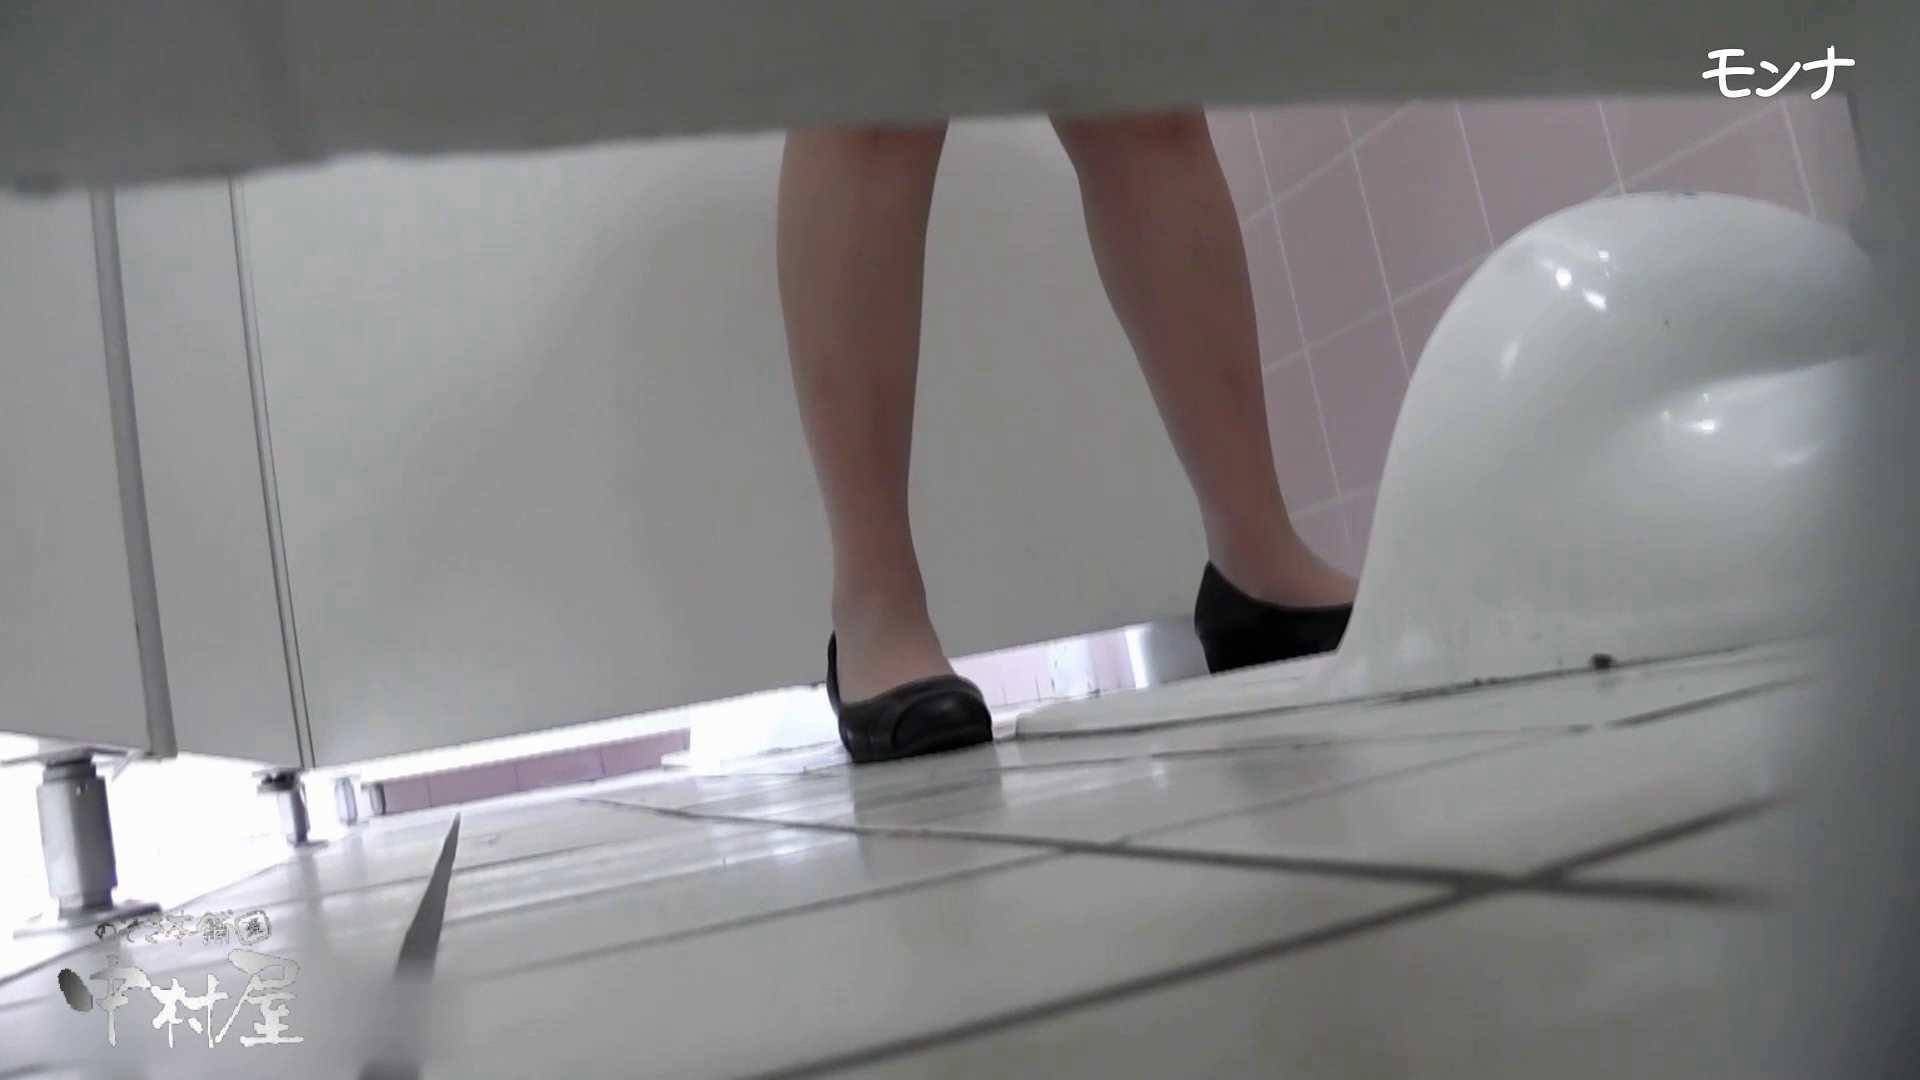 【美しい日本の未来】美しい日本の未来 No.69 ひやっと!終始15cmのしらすを垂らしながら・・・ OLハメ撮り  105Pix 68